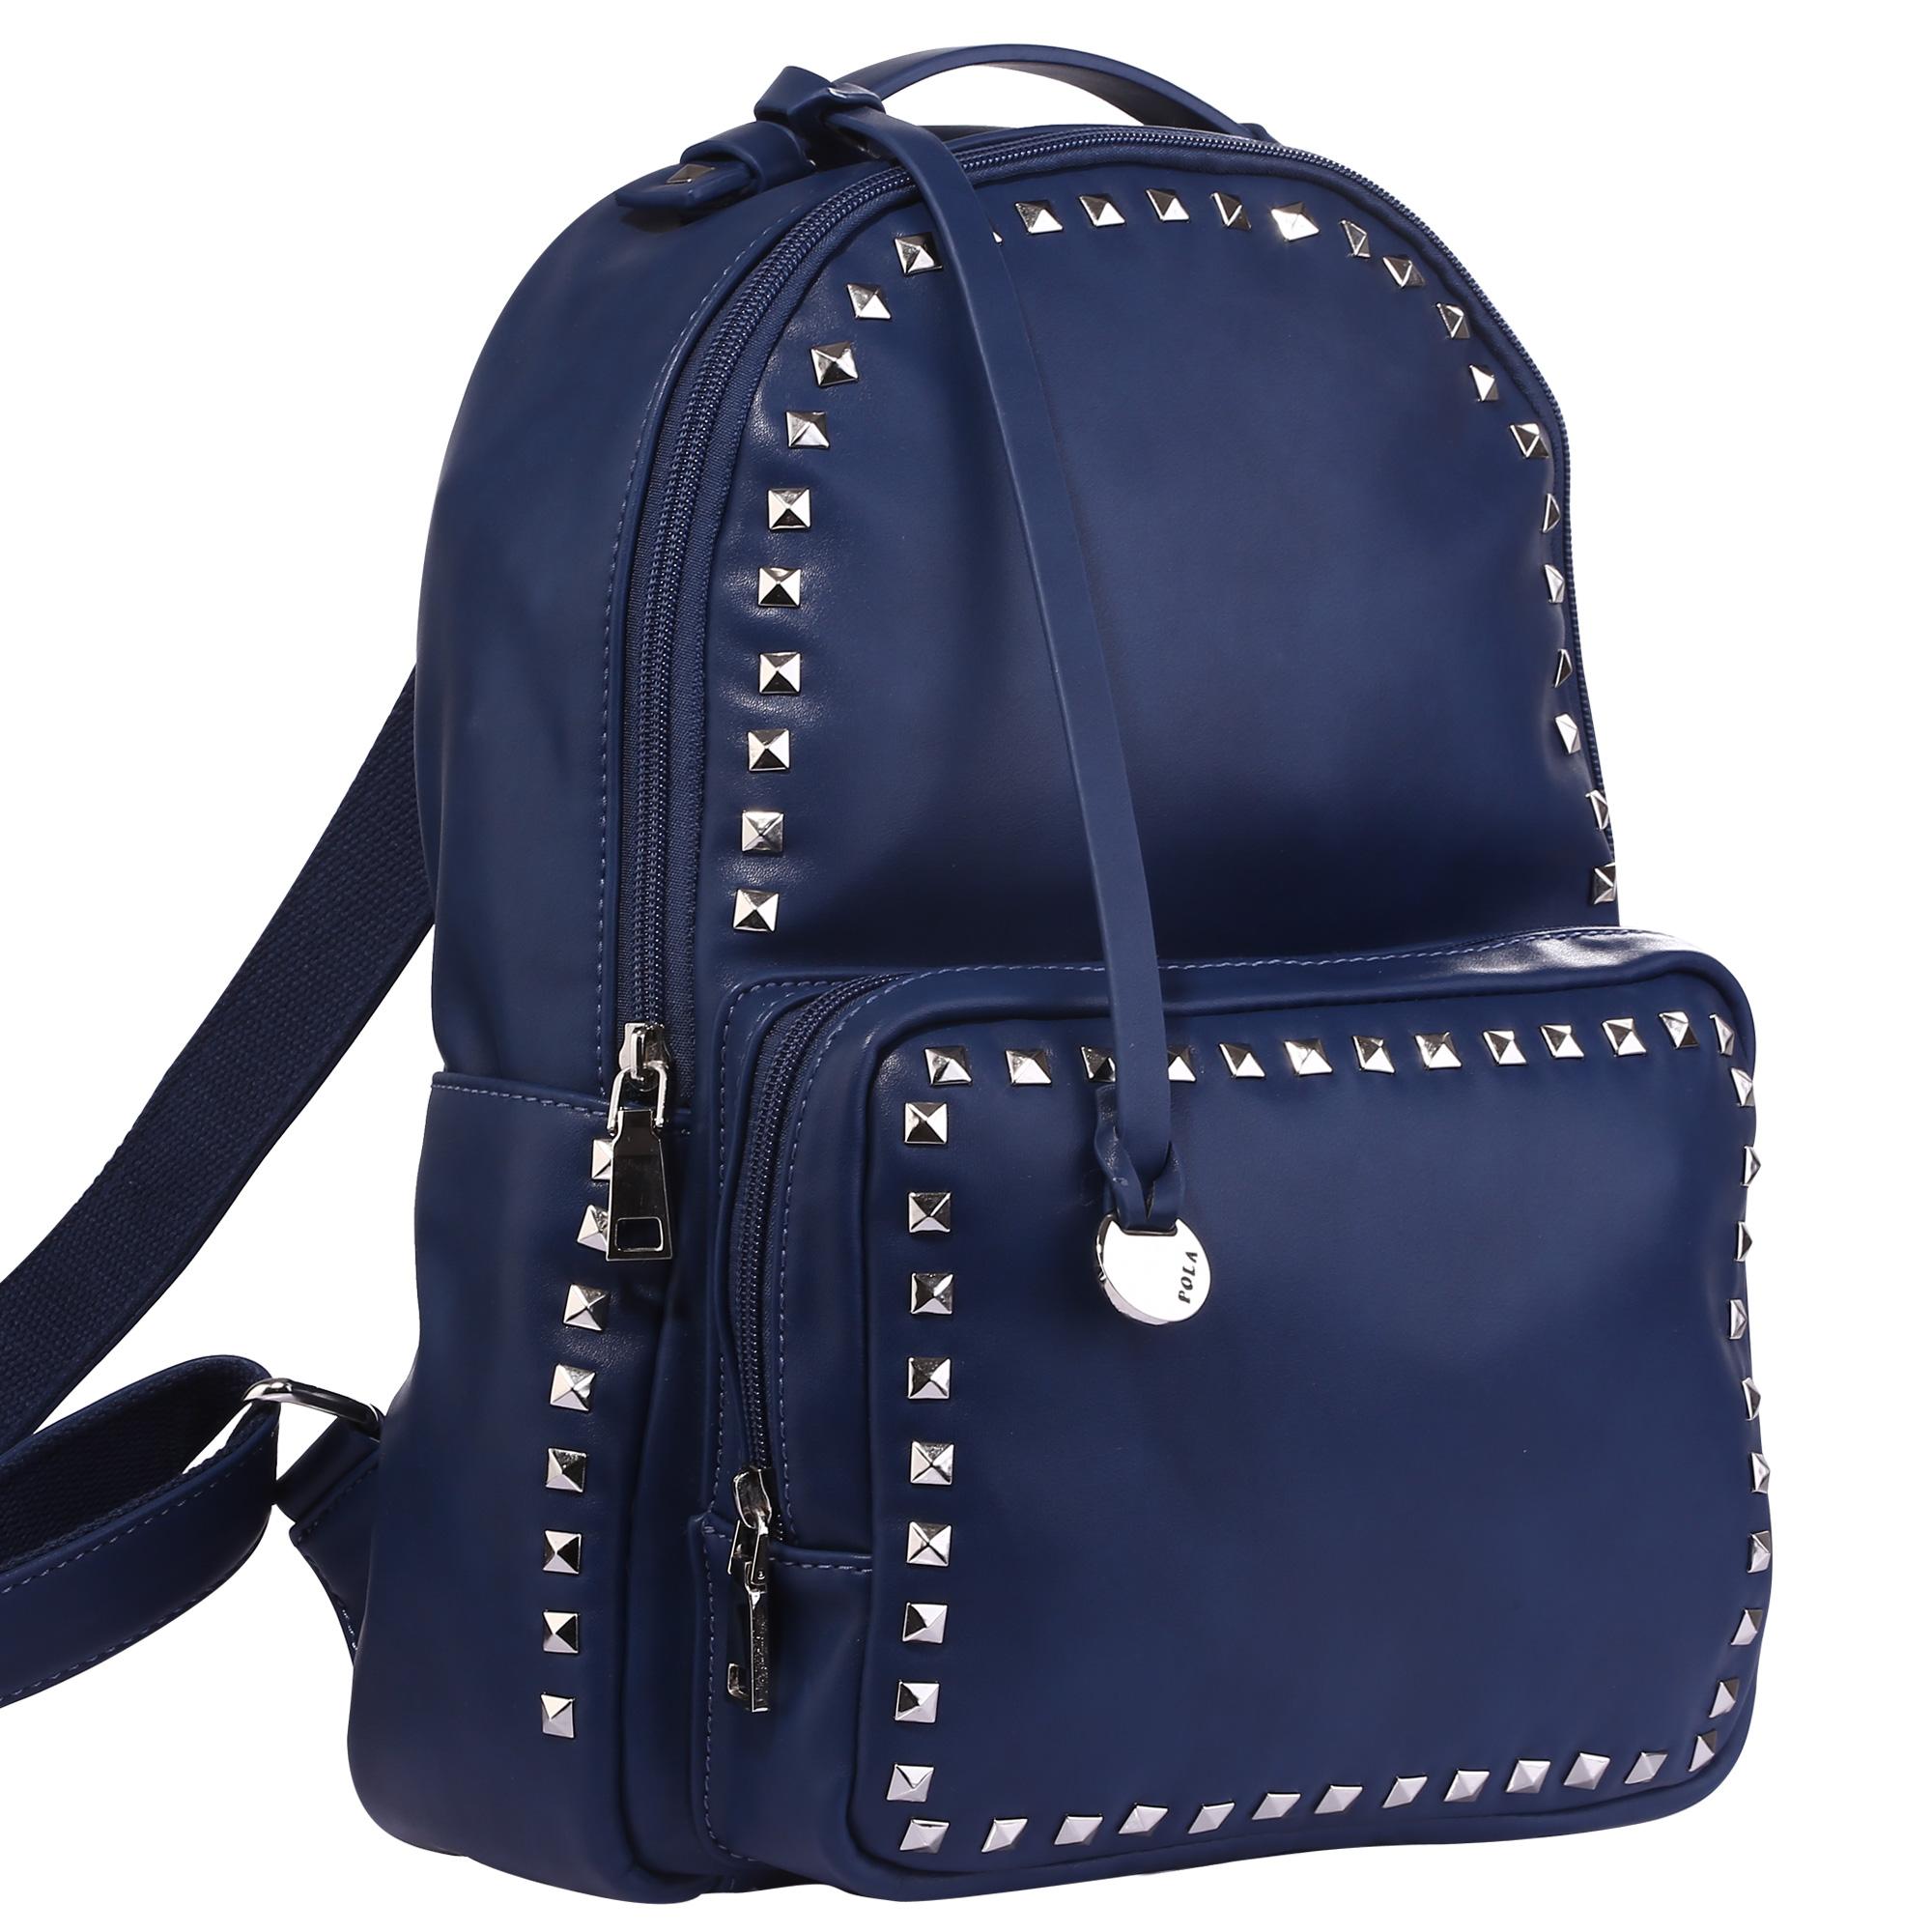 Рюкзак женский Pola, цвет: синий. 43244324Стильный женский рюкзак Pola выполнен из экокожи, декорирован металлическими клепками. Основное отделение закрывается на молнию. Внутри - два кармана на молнии и два открытых кармана. Снаружи – карман на молнии спереди рюкзака. Лямки регулируются по длине. По бокам небольшие открытые кармашки.